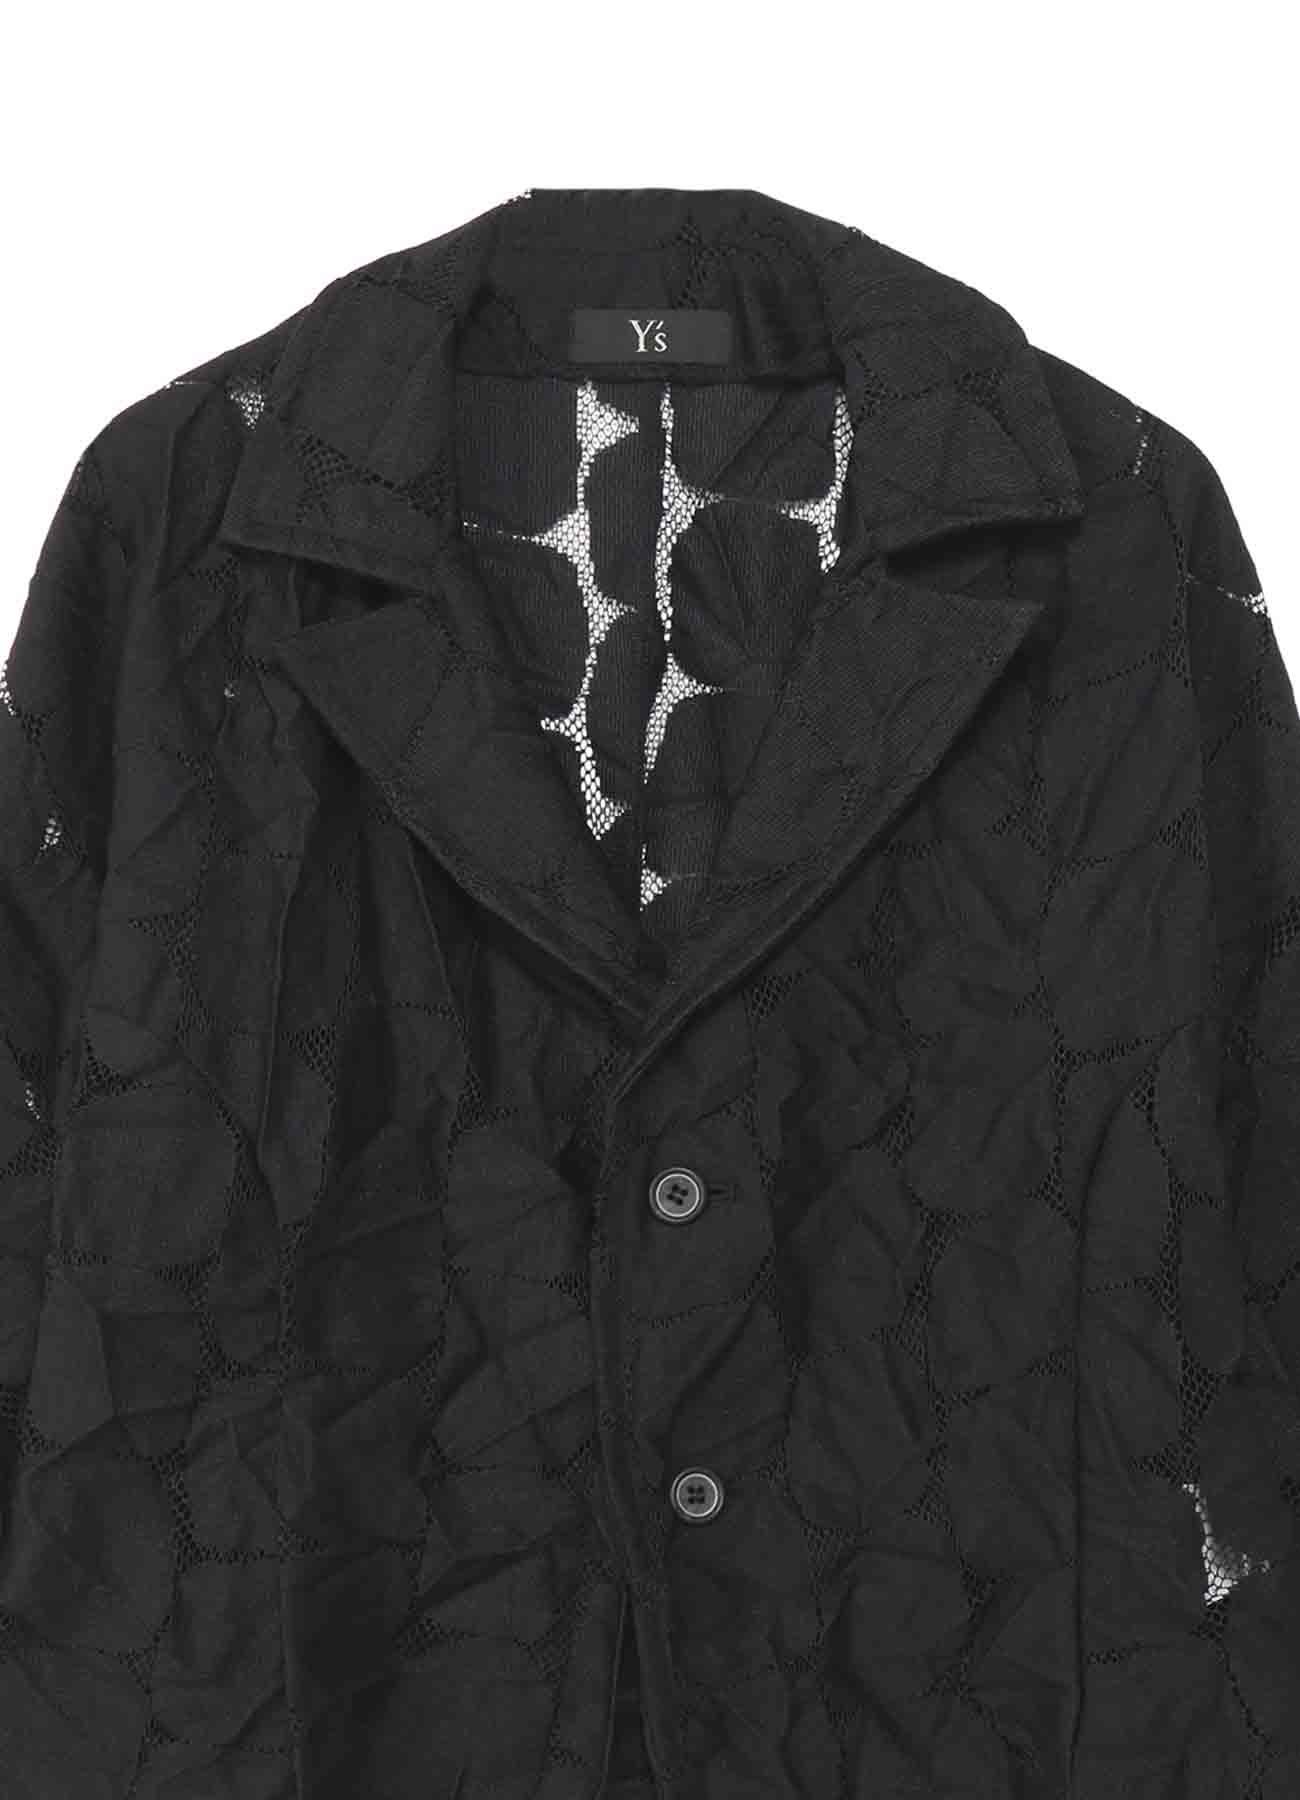 褶皱设计西装领夹克